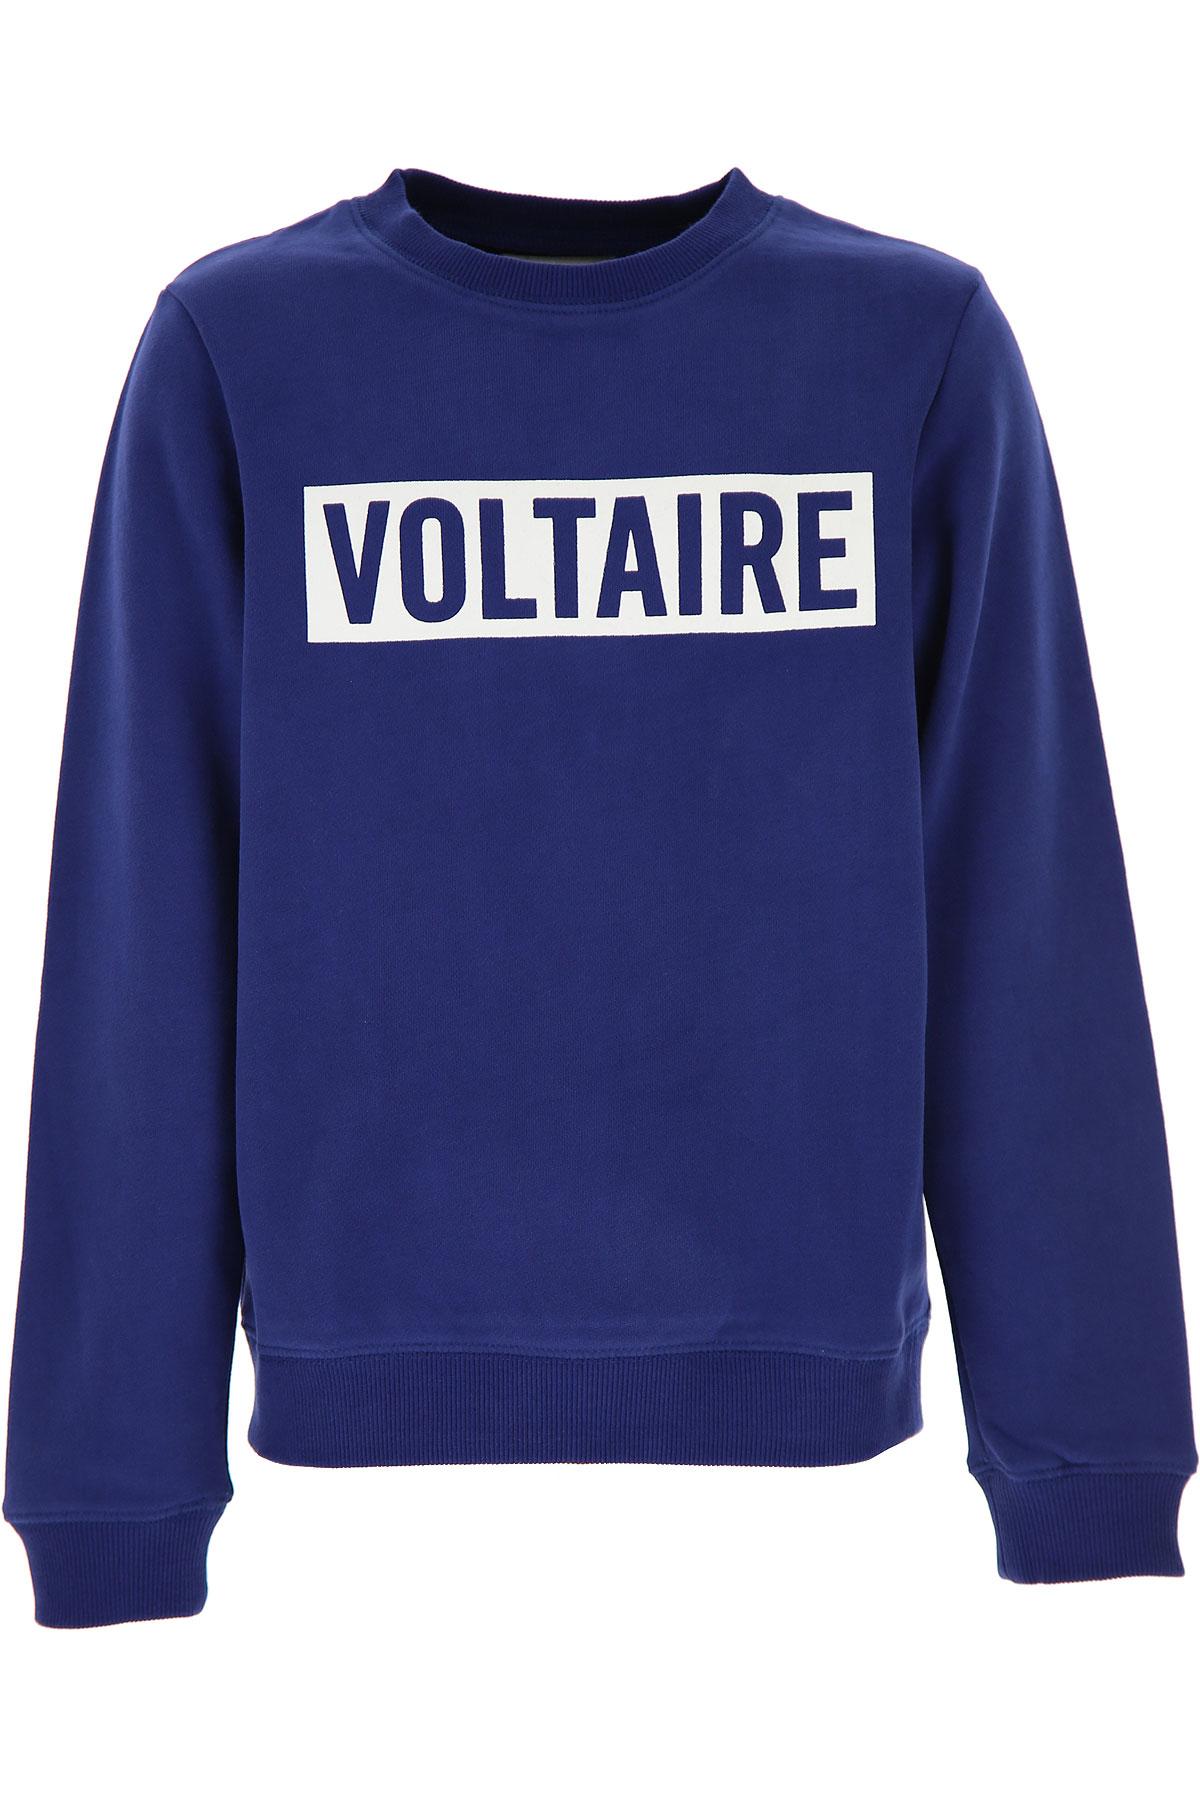 Zadig & Voltaire Kids Sweatshirts & Hoodies for Boys On Sale, Blue, Cotton, 2019, 10Y 12Y 14Y 8Y